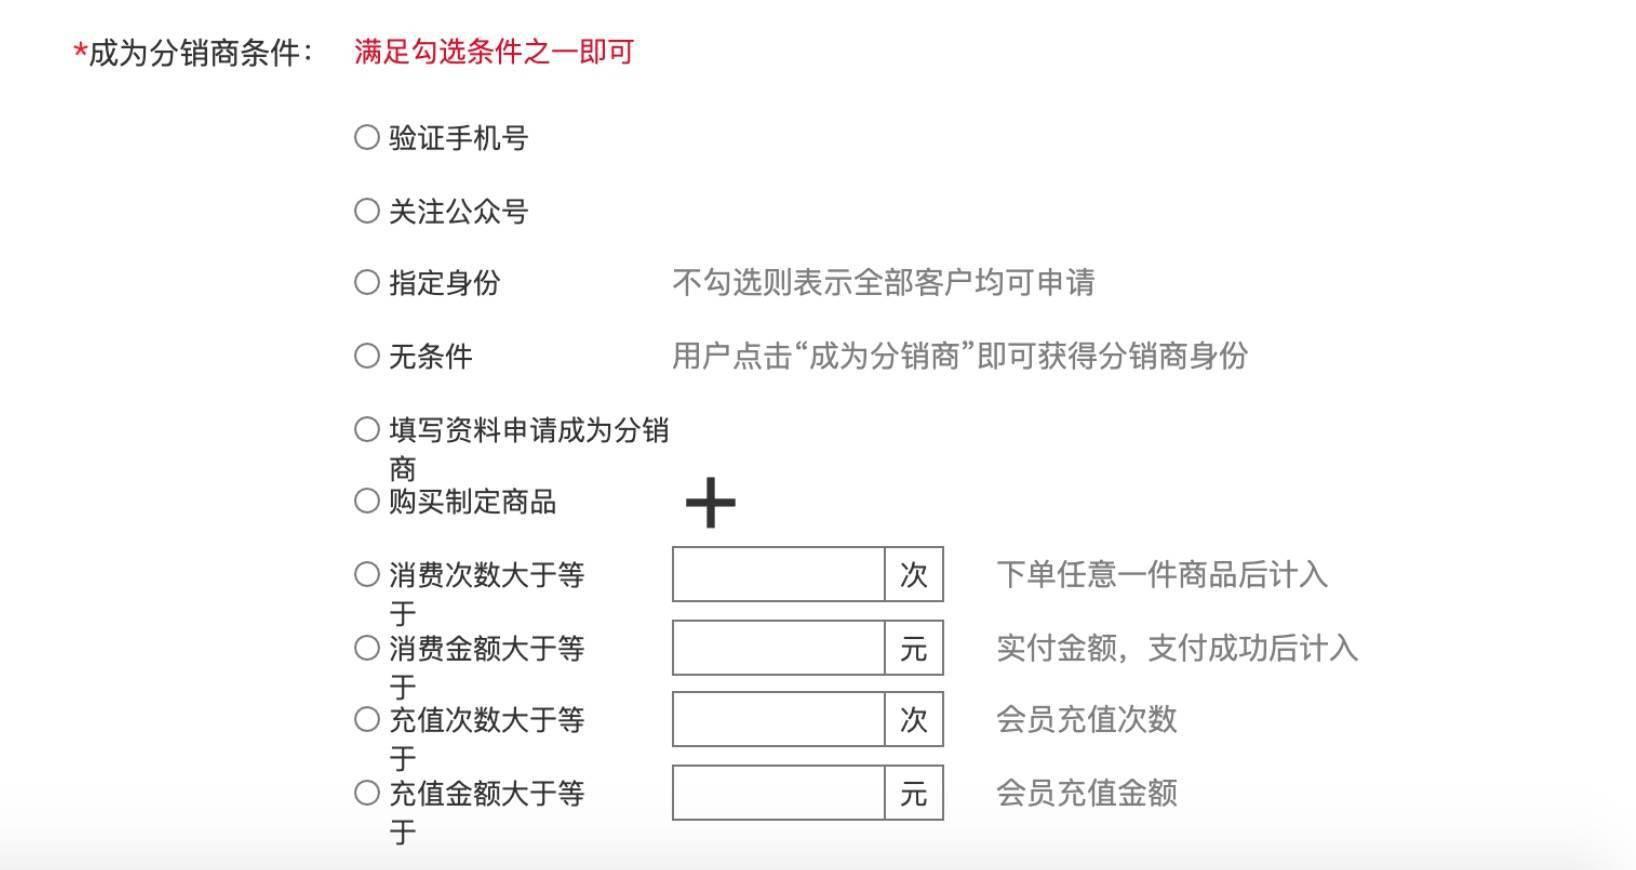 在电商网站中,分销体系如何设计